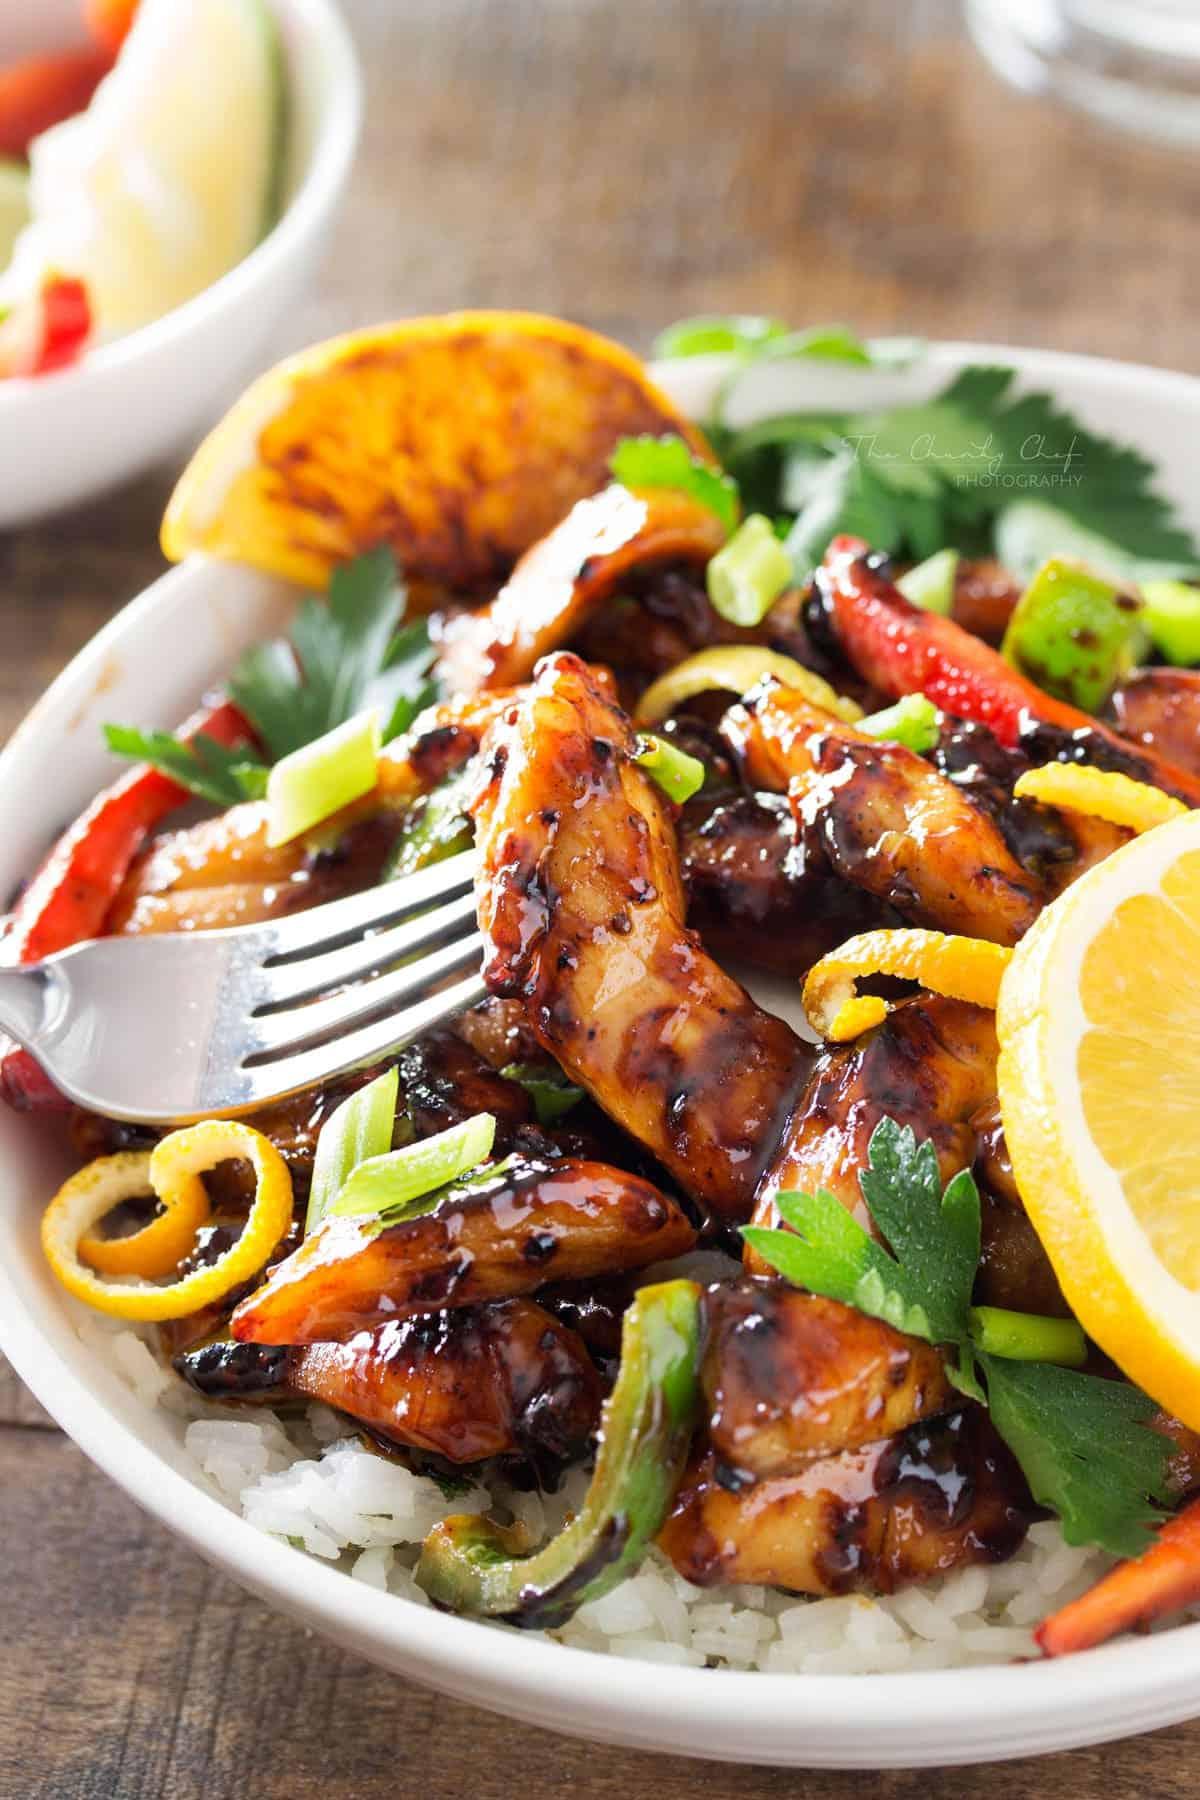 cajun-honey-glazed-chicken-bowls-7